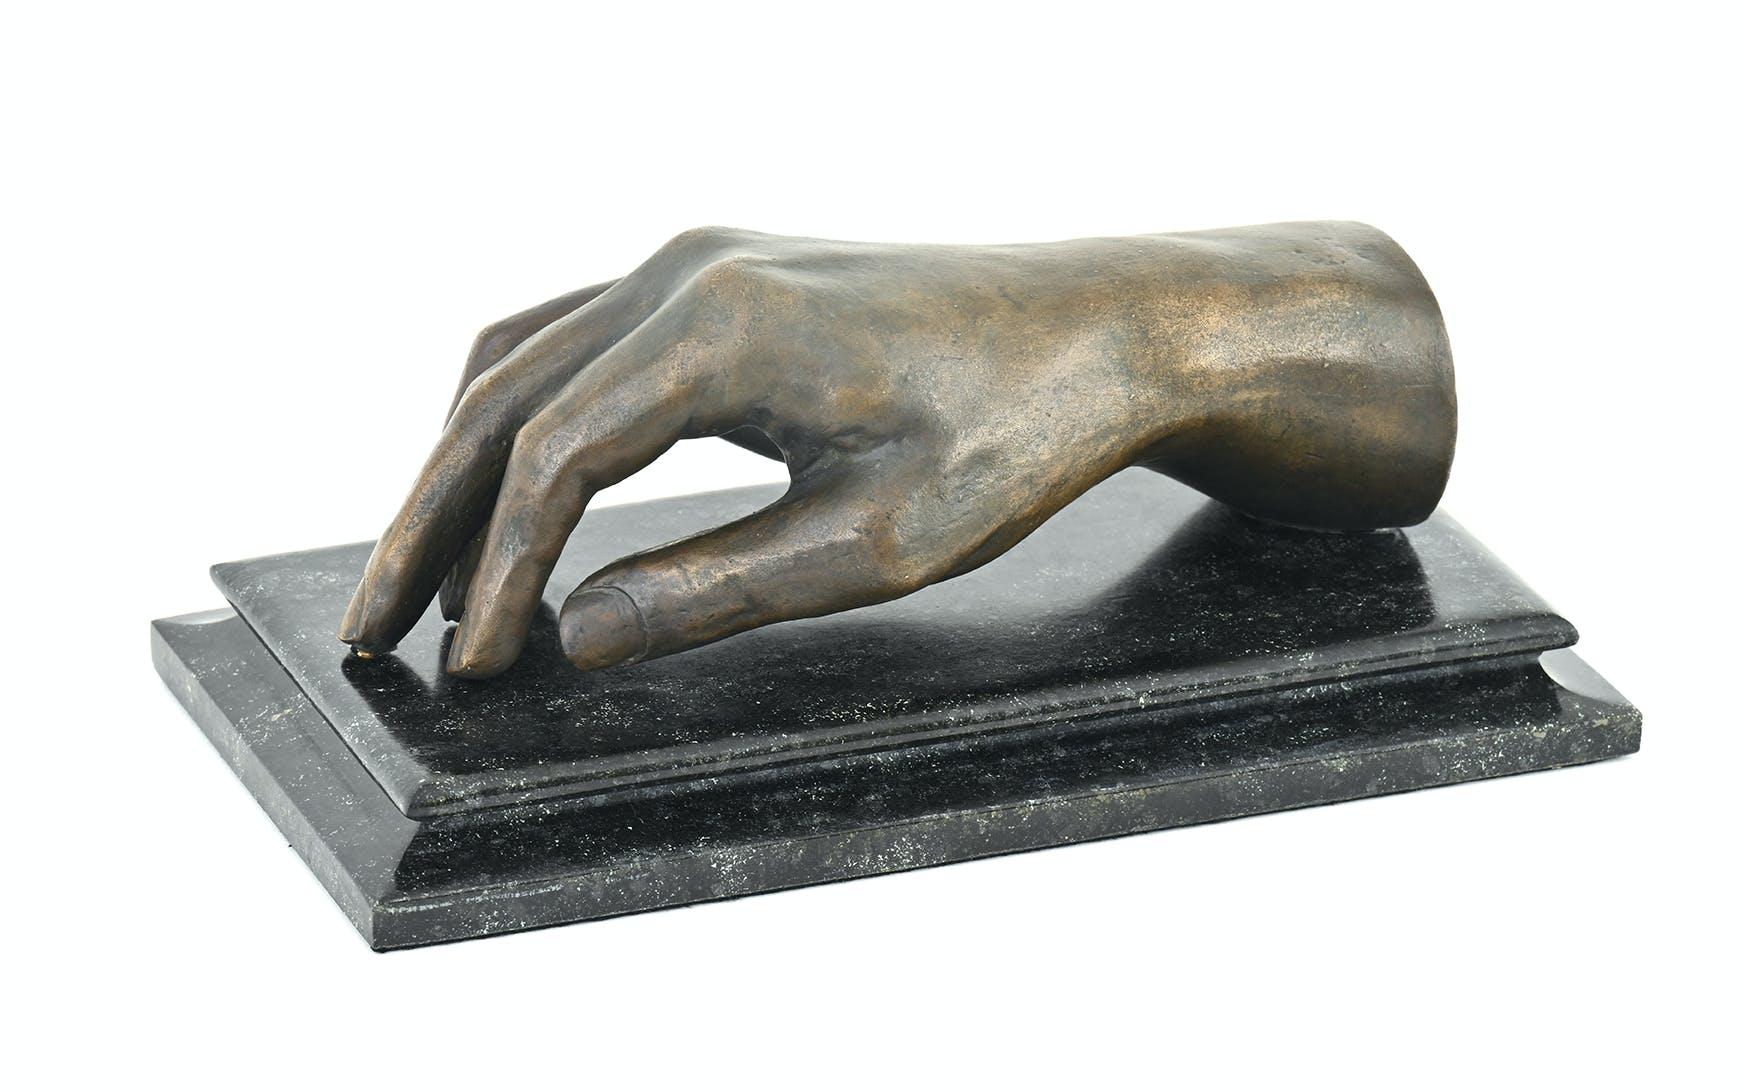 Rechte Hand des «Märchenkönigs» Ludwig II. von Bayern. Bronze, gegossen. 1886. Ankauf 1991. Ehemals Besitz von Kaiserin Sissi.